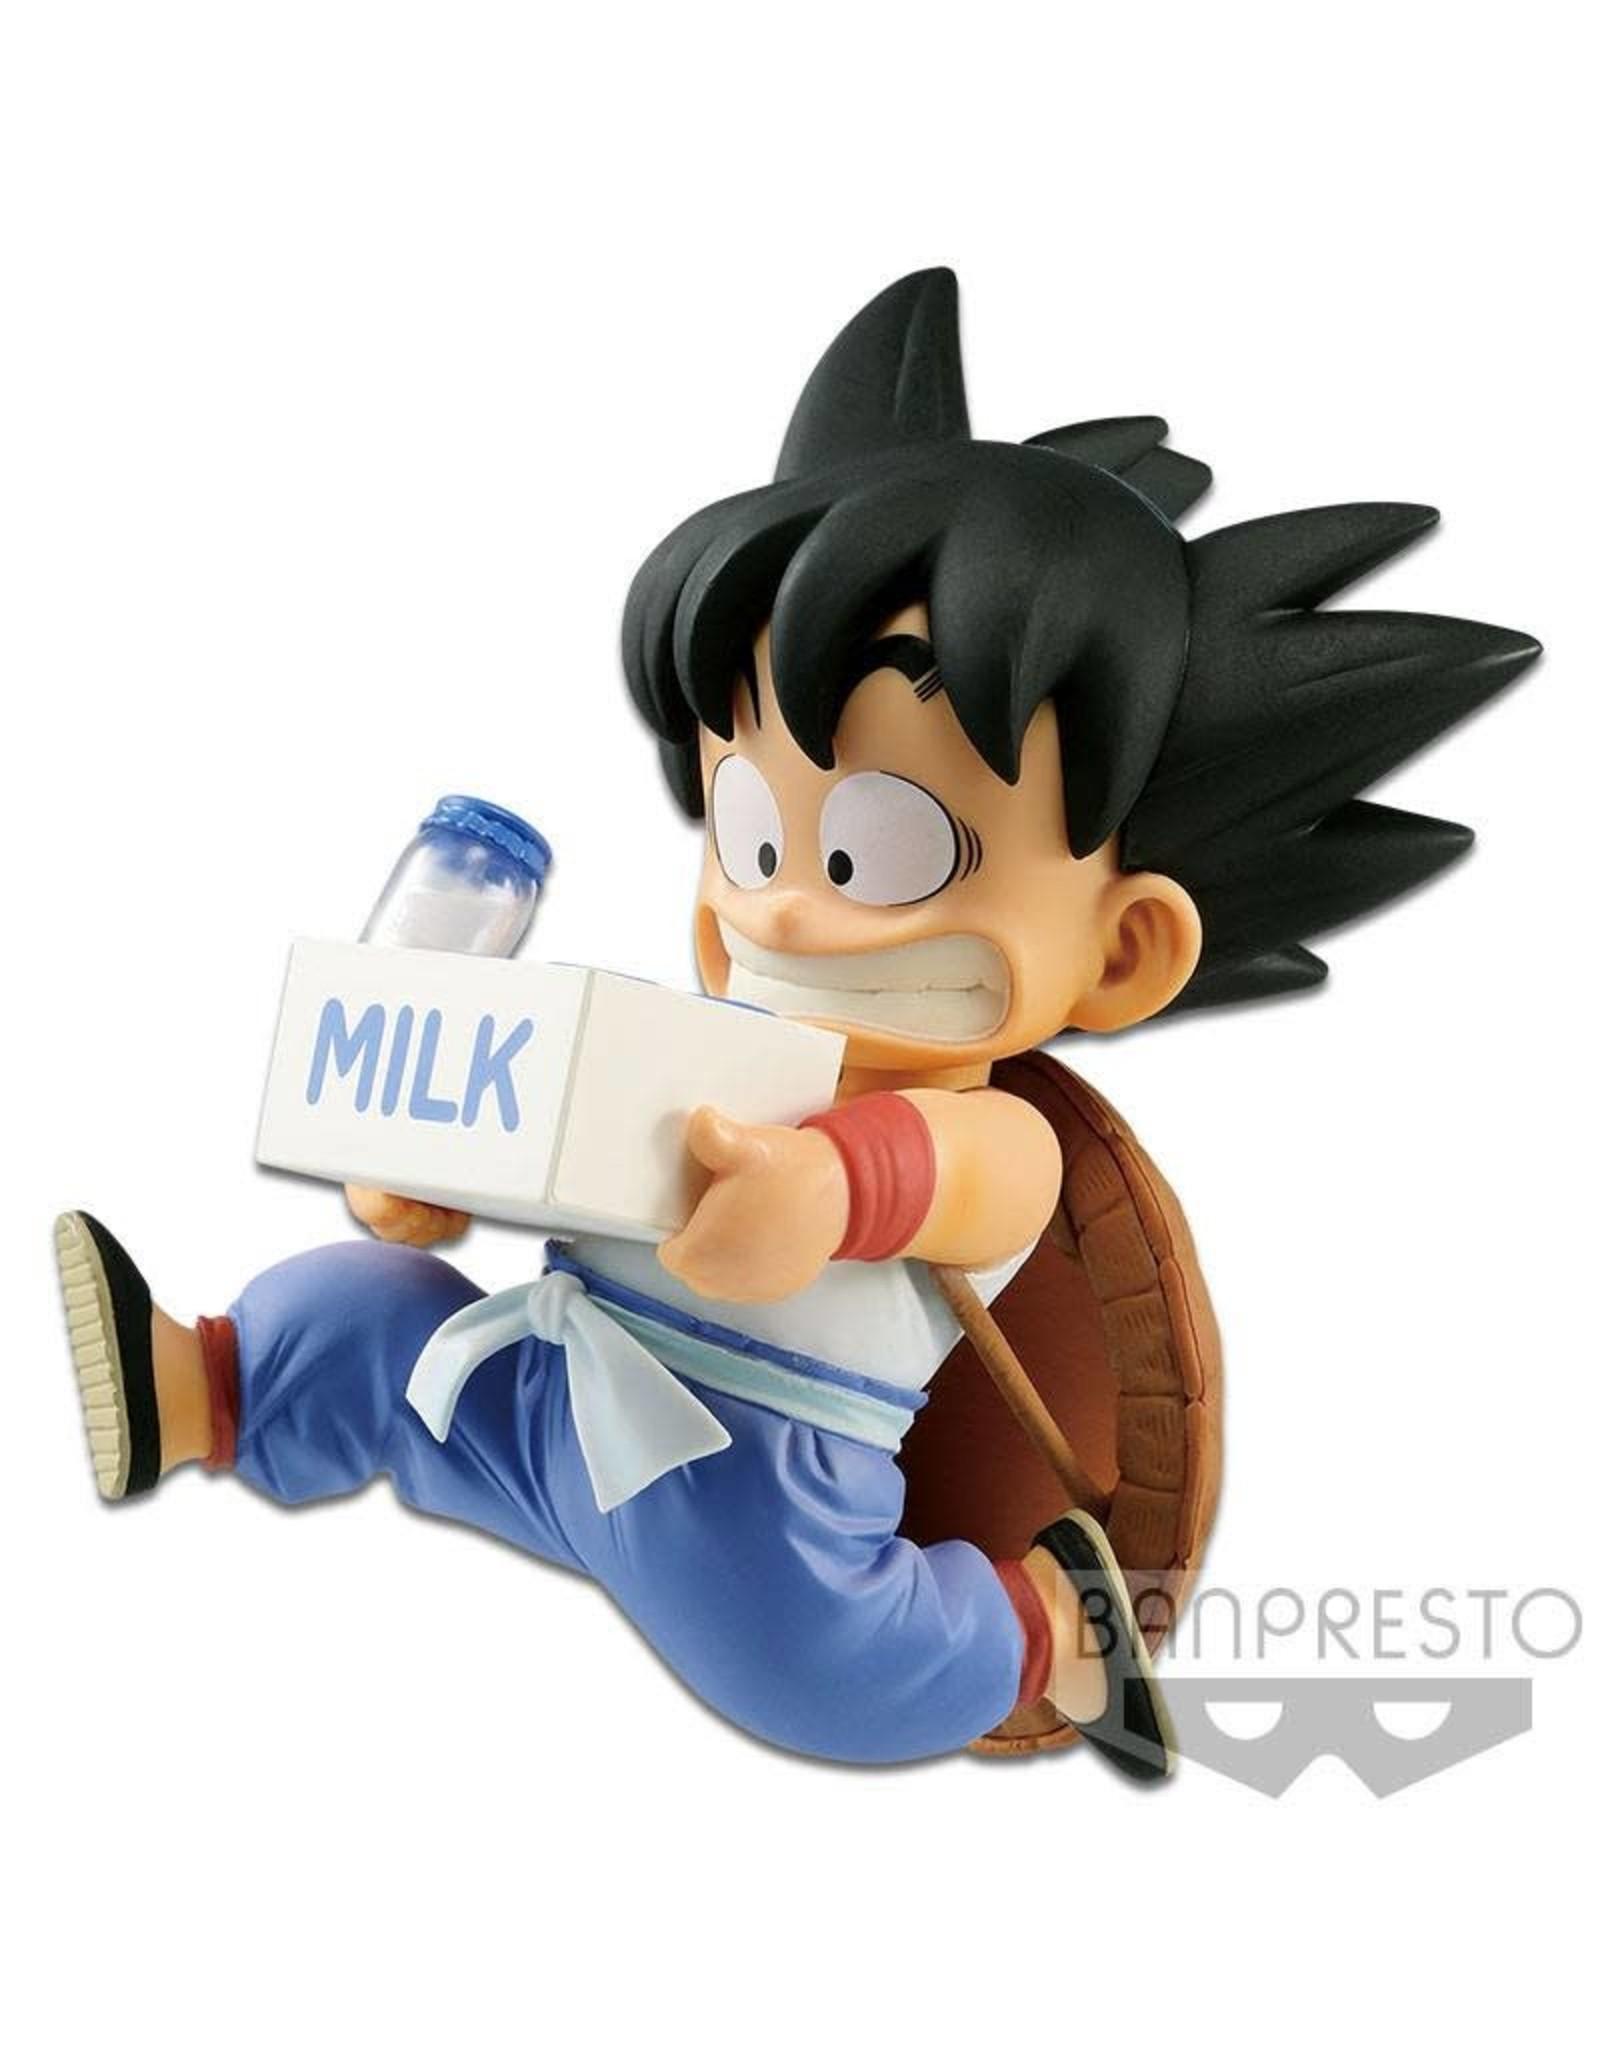 Dragon Ball Z - Son Goku Normal Color Ver. - BWFC PVC Statue - 11 cm